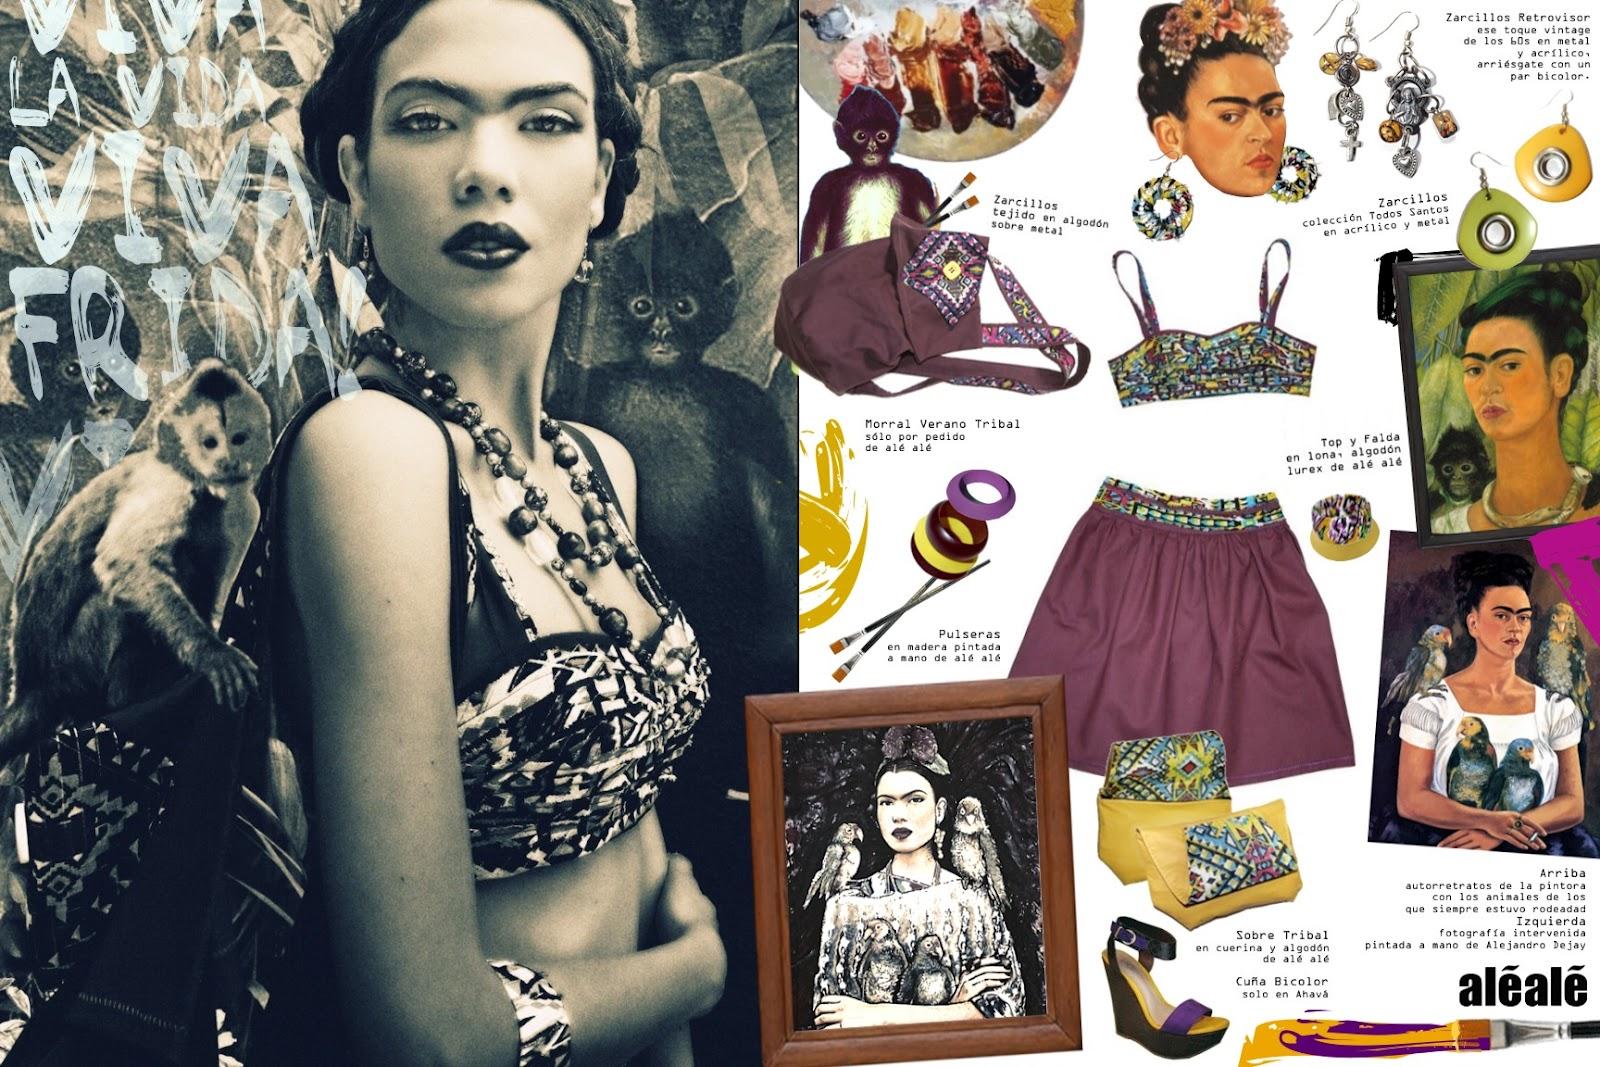 Al al laboratorio de moda al al icono de estilo frida - Estilo frida kahlo ...